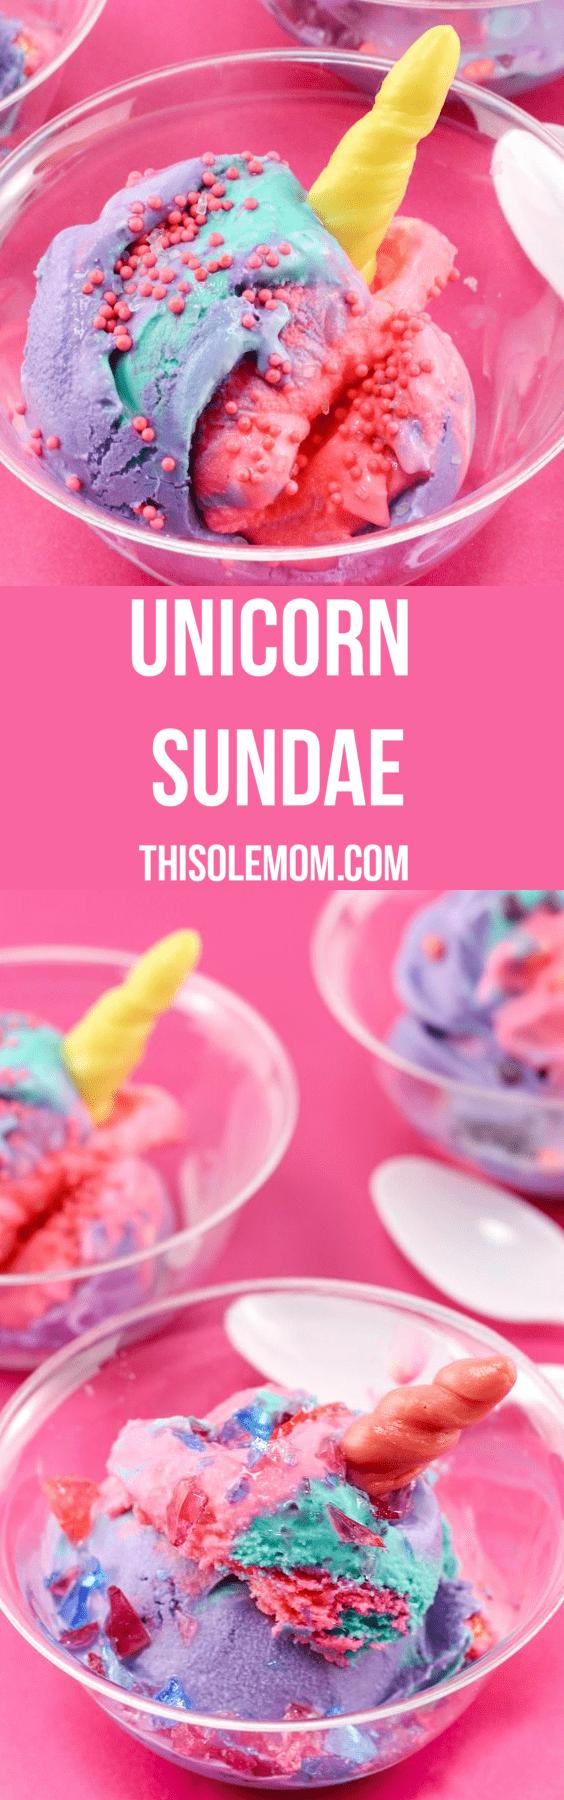 Unicorn Sundae